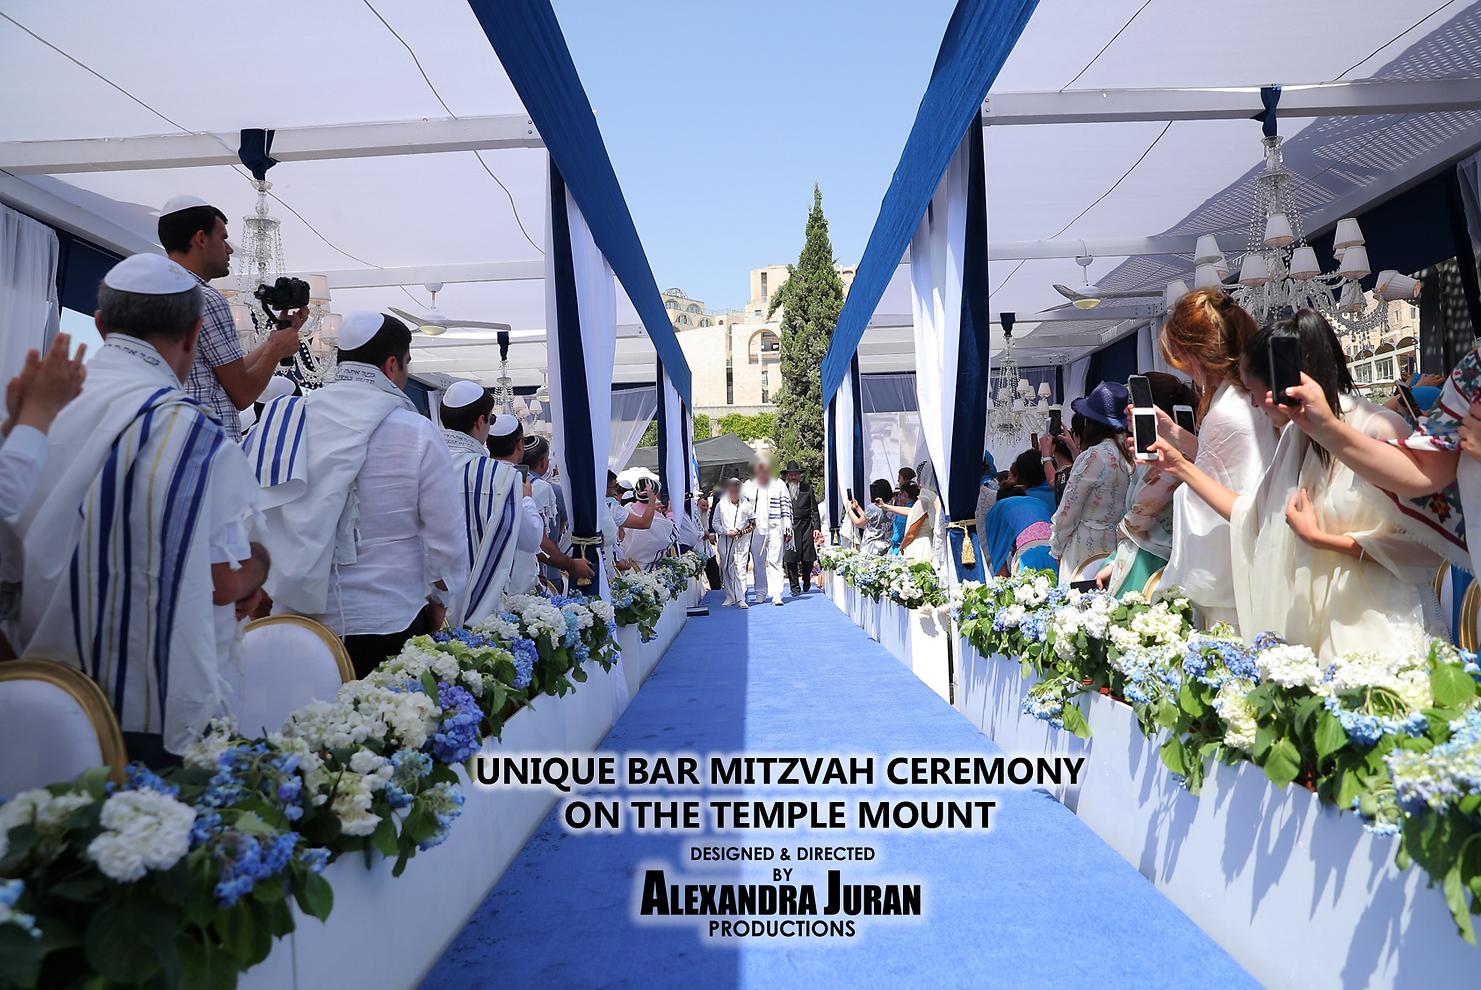 BAR MITZVAH ALEXANDRA JURAN ARTEGO.png